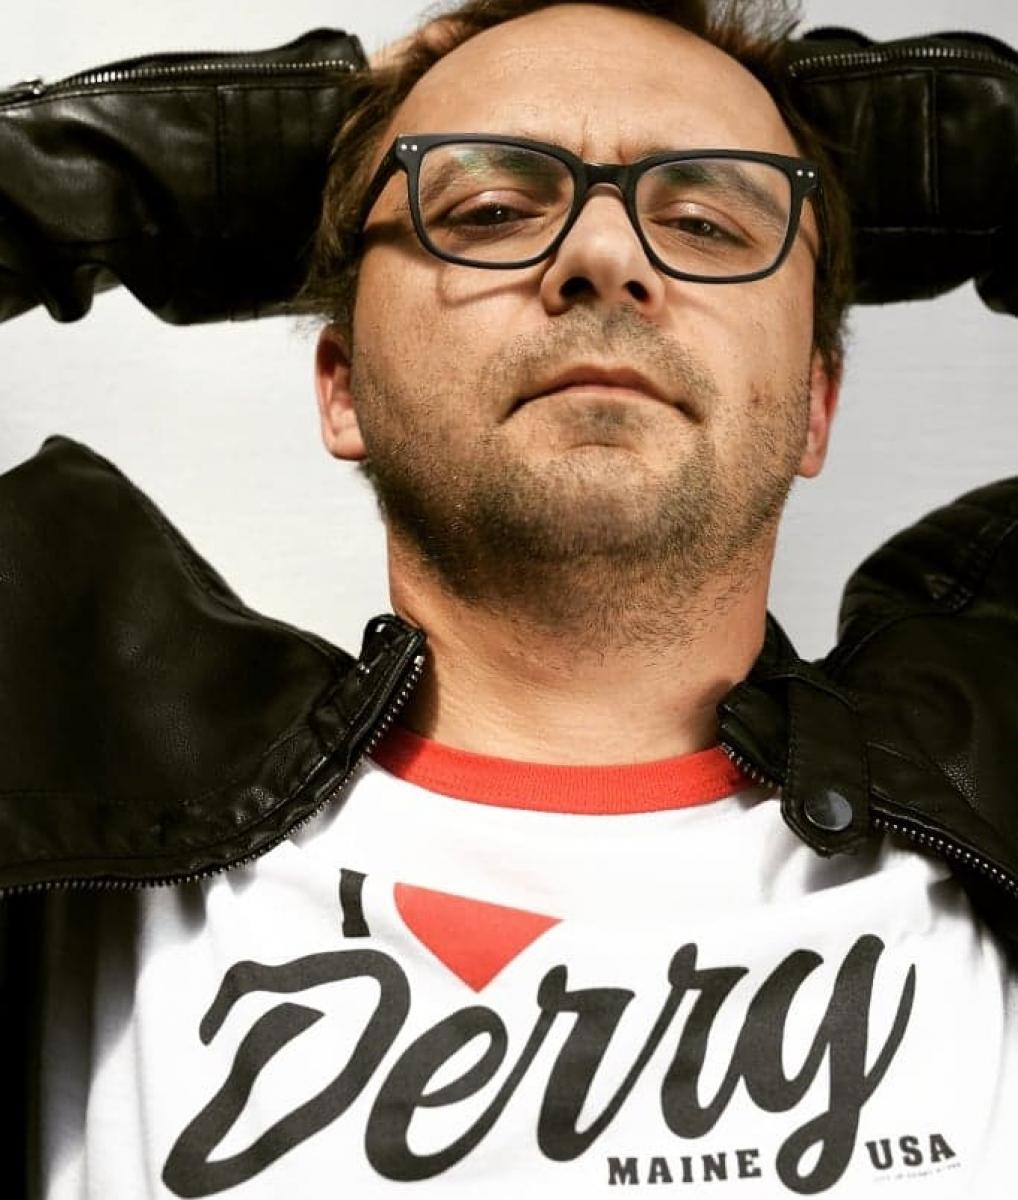 Robert Ziębiński (foto: Adam Tuchlinski) - obrazek